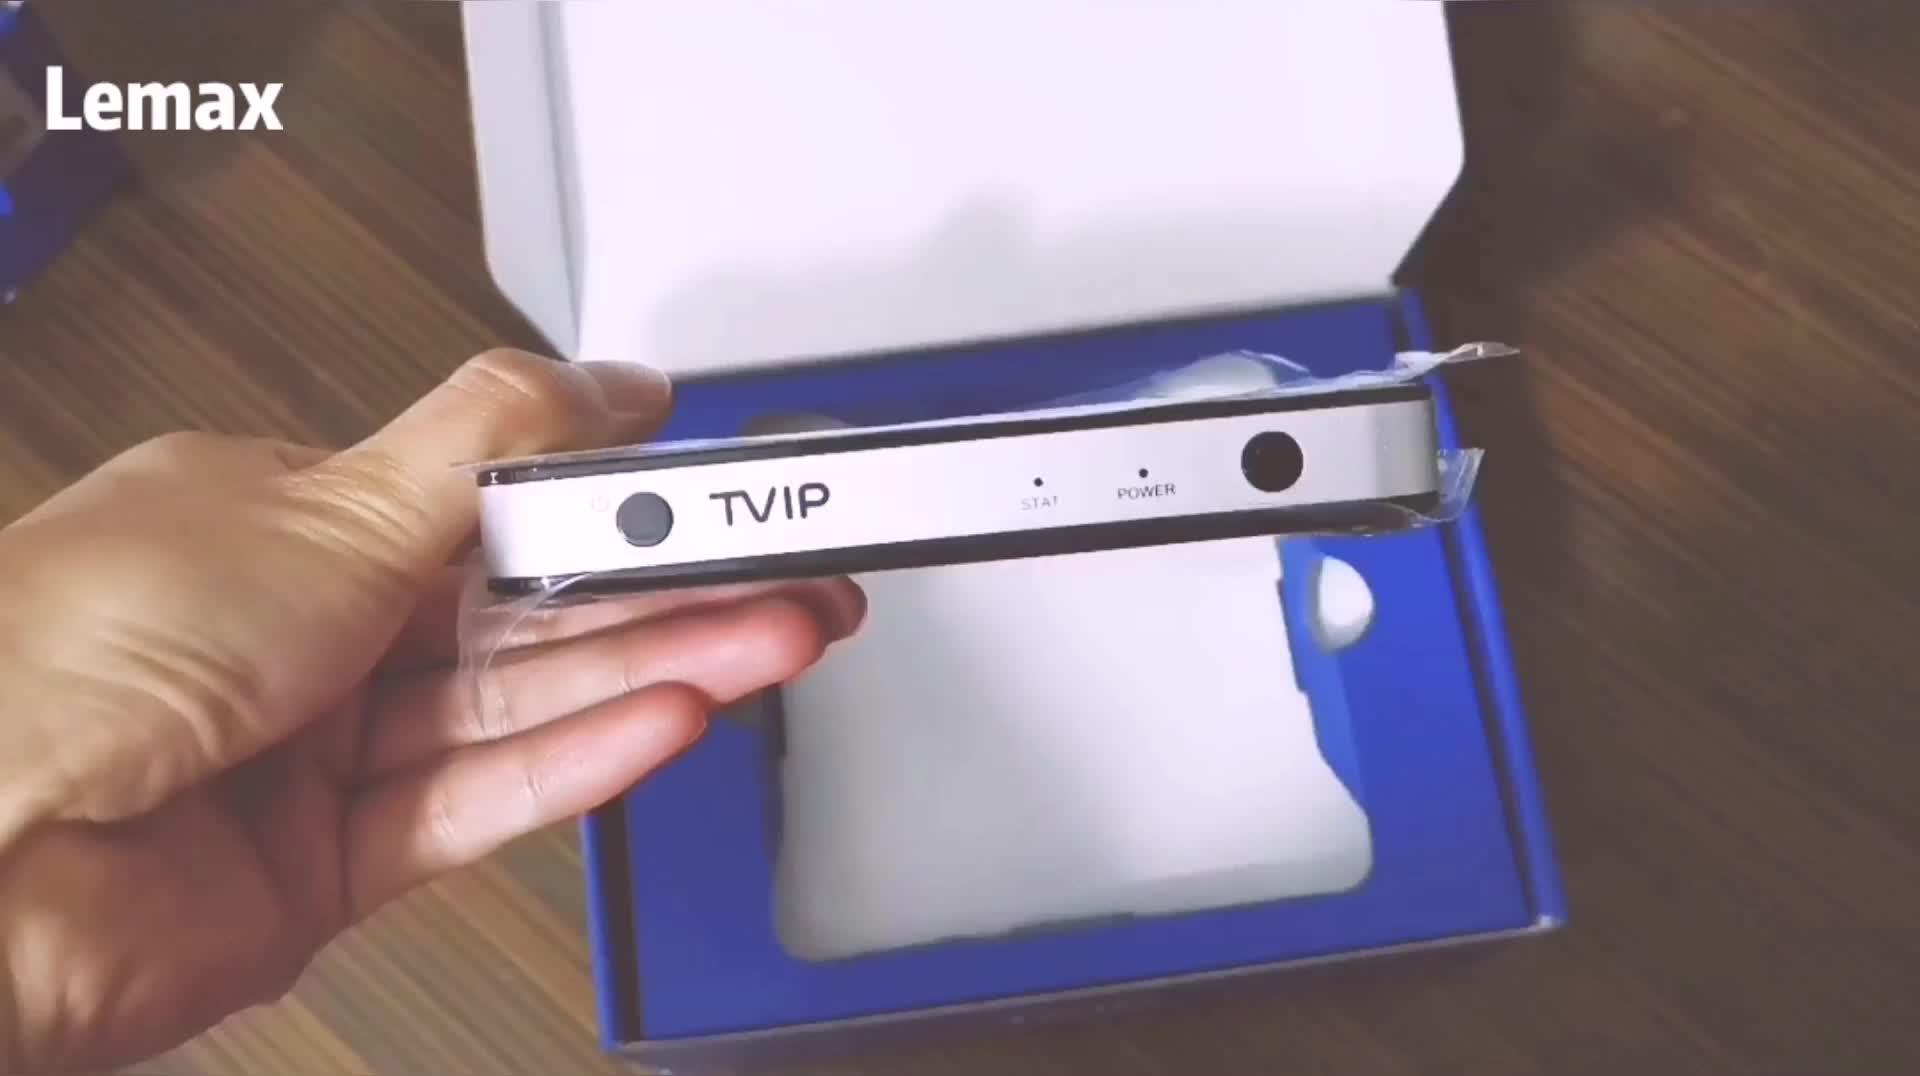 ベストセラーオリジナル TVIP 605 1 ギガバイト 8 ギガバイトミニデュアル Os アンドロイド/Linux tv ボックス Amlogic S905X アラビア wifi の Airplay IPTV ストリーミングボックス